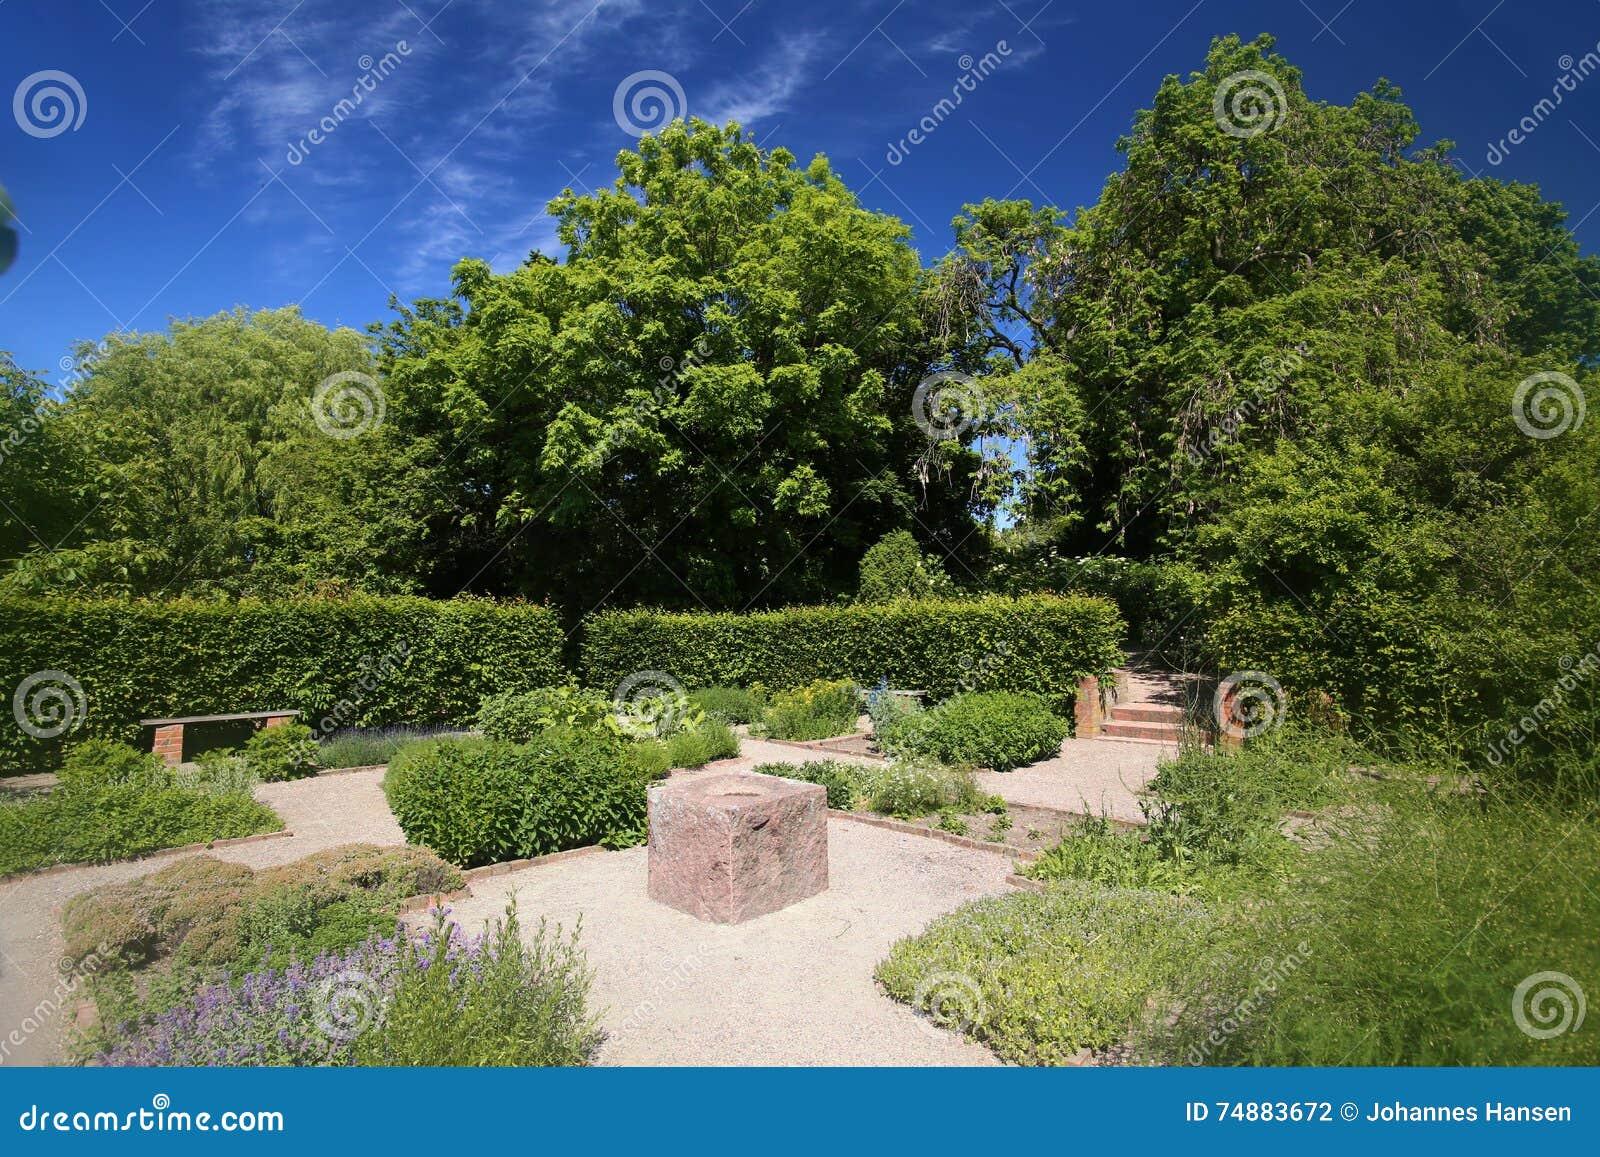 Jardim de erva em Trelleborg na Suécia do sul